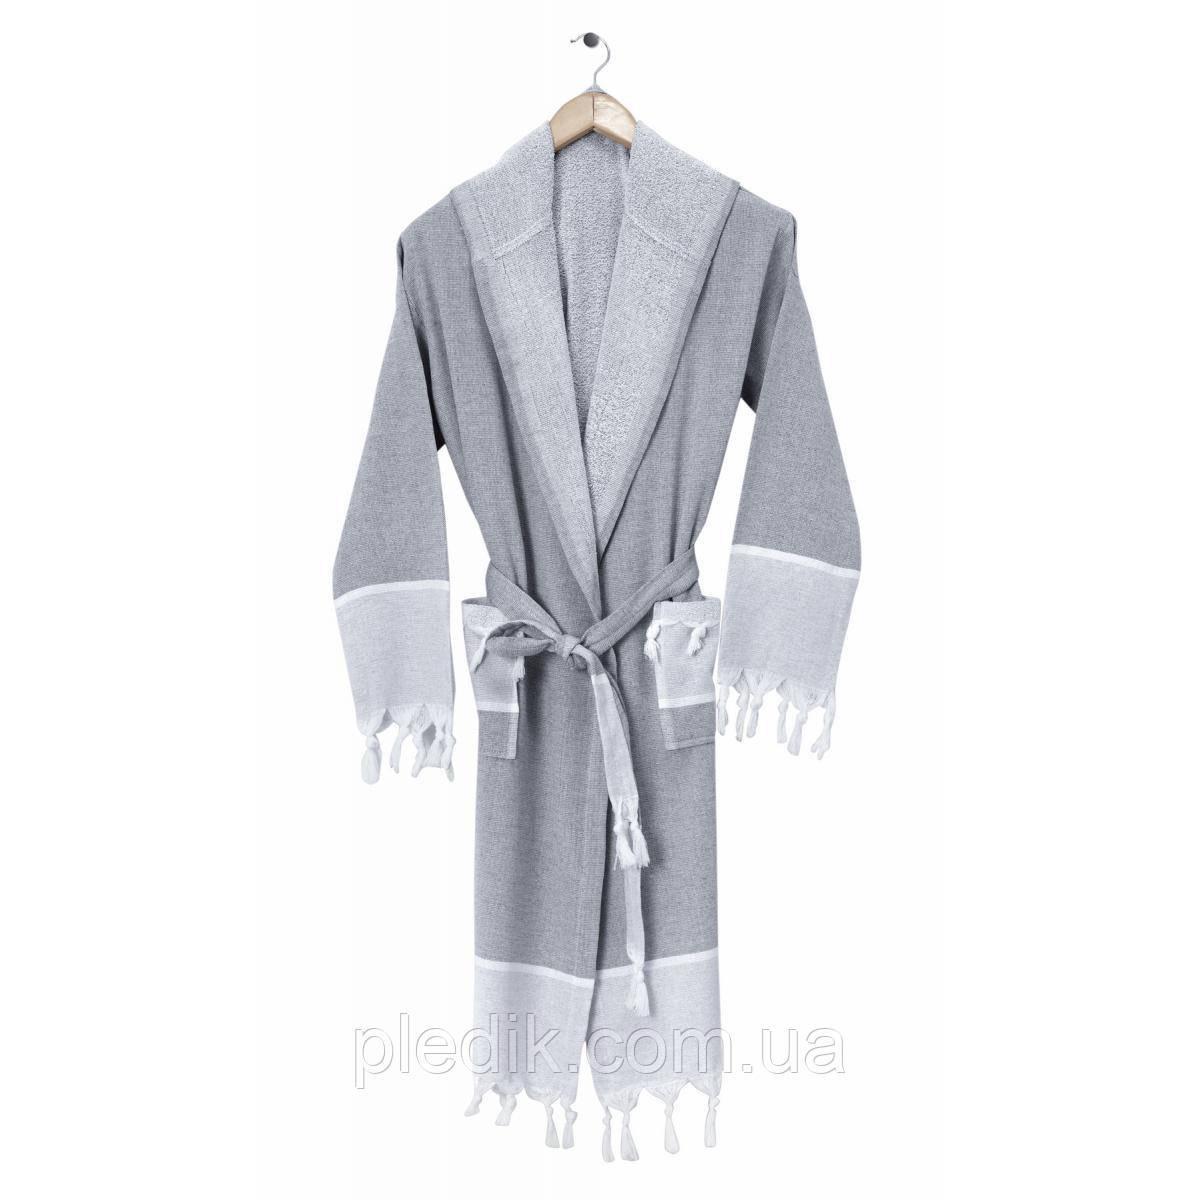 Халат для сауны Arya Seren серый